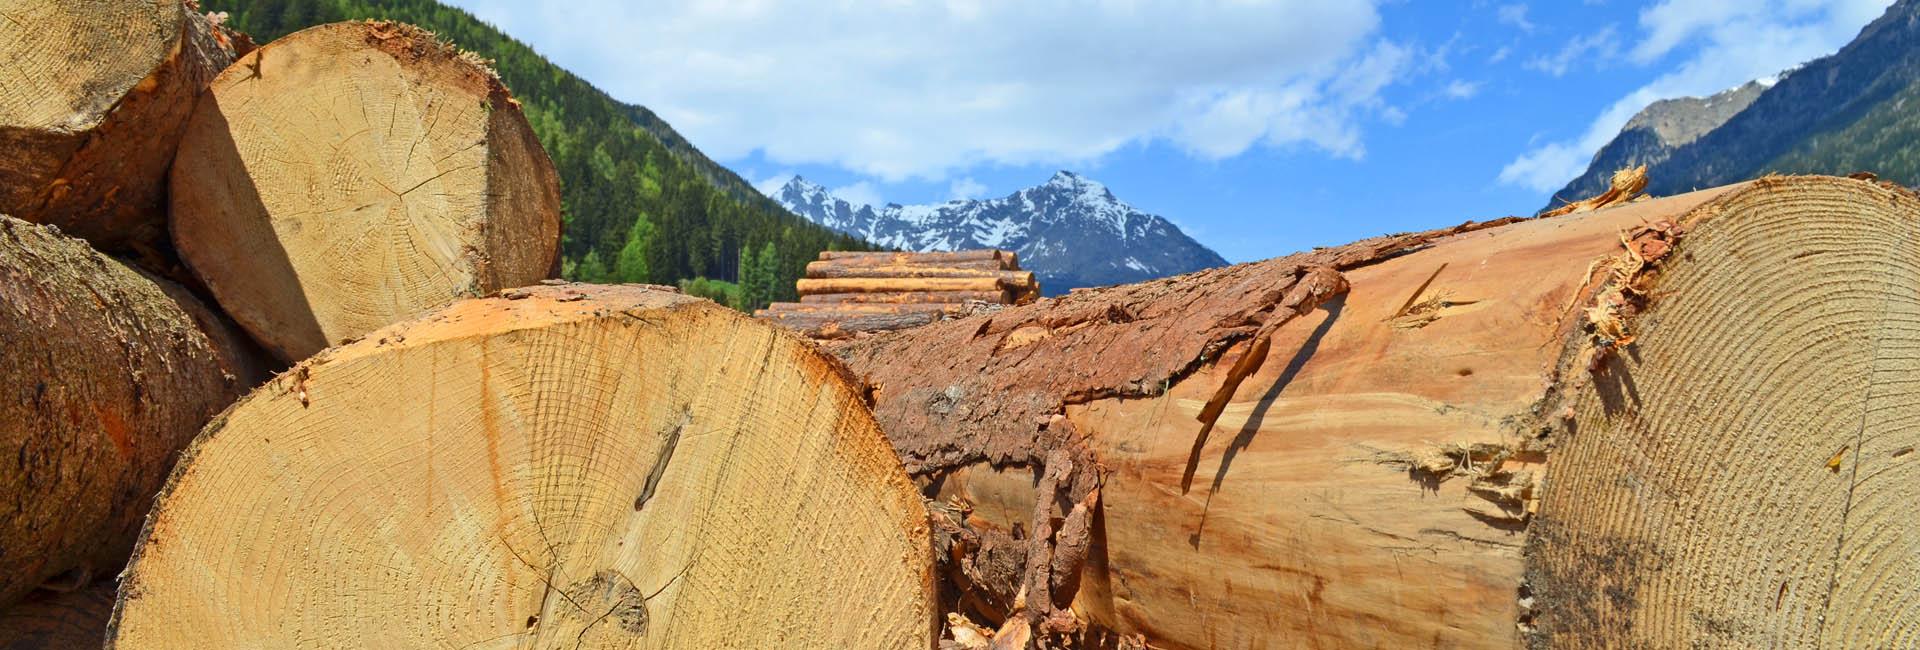 Rohstoff Holz aus der Region